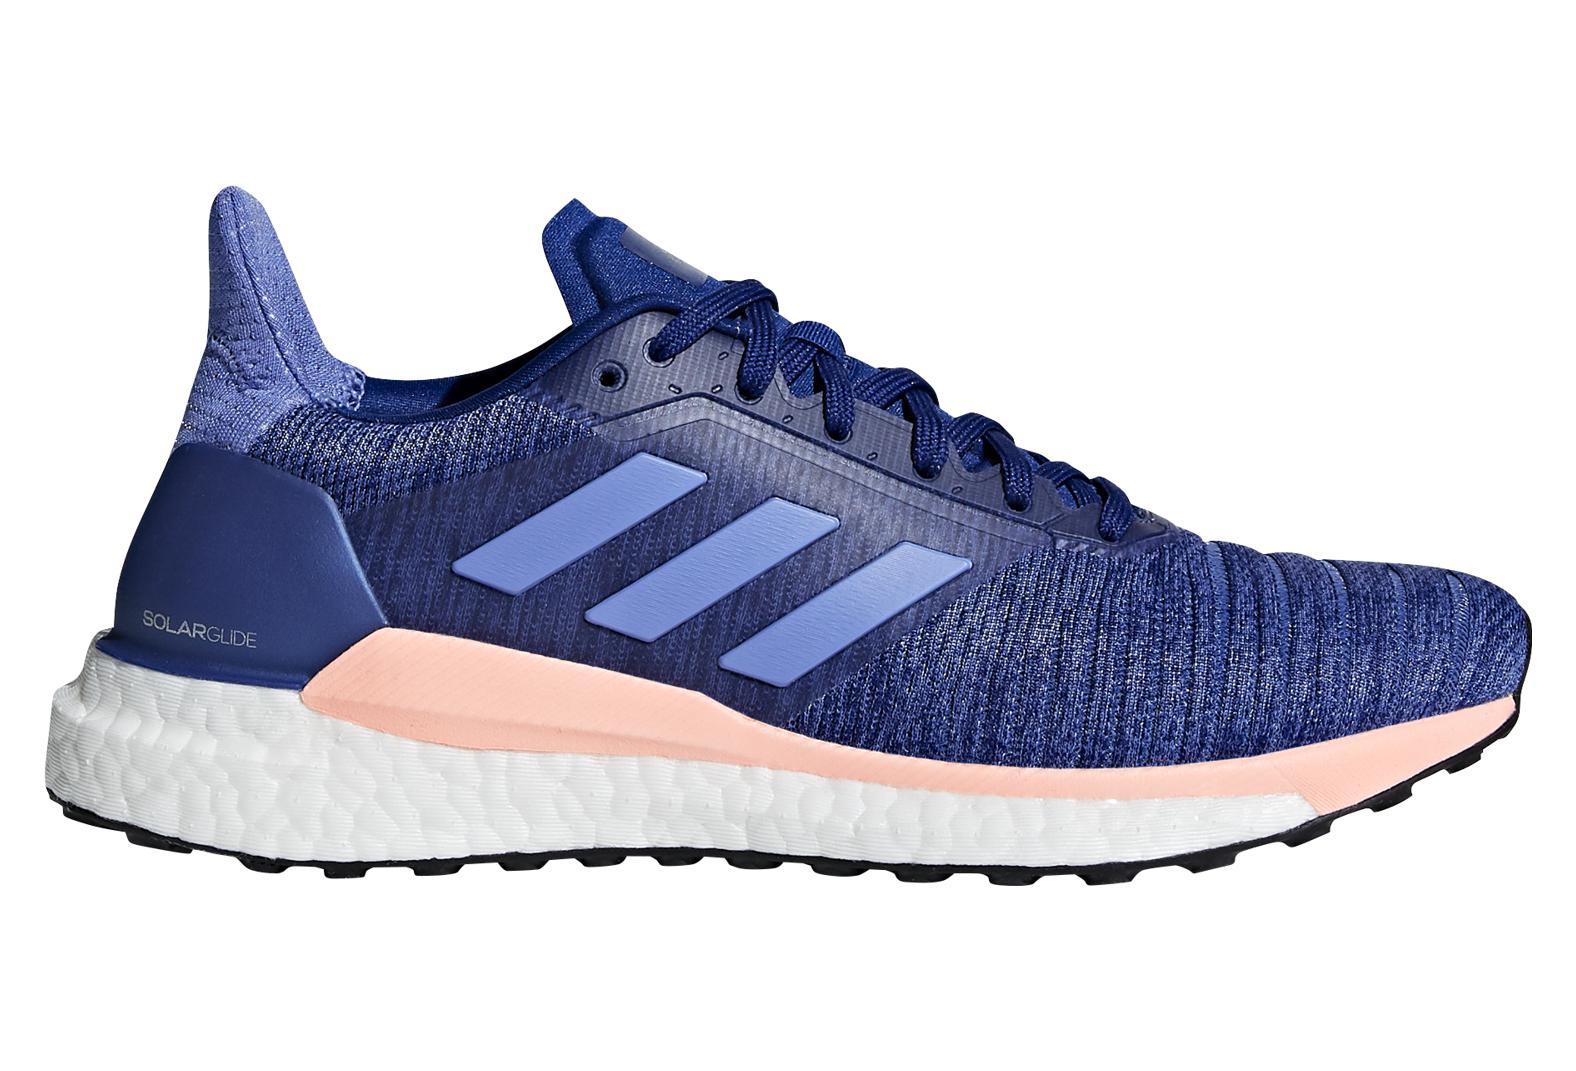 06ec4f39338d adidas running Solar Glide Women s Shoes Blue Pink